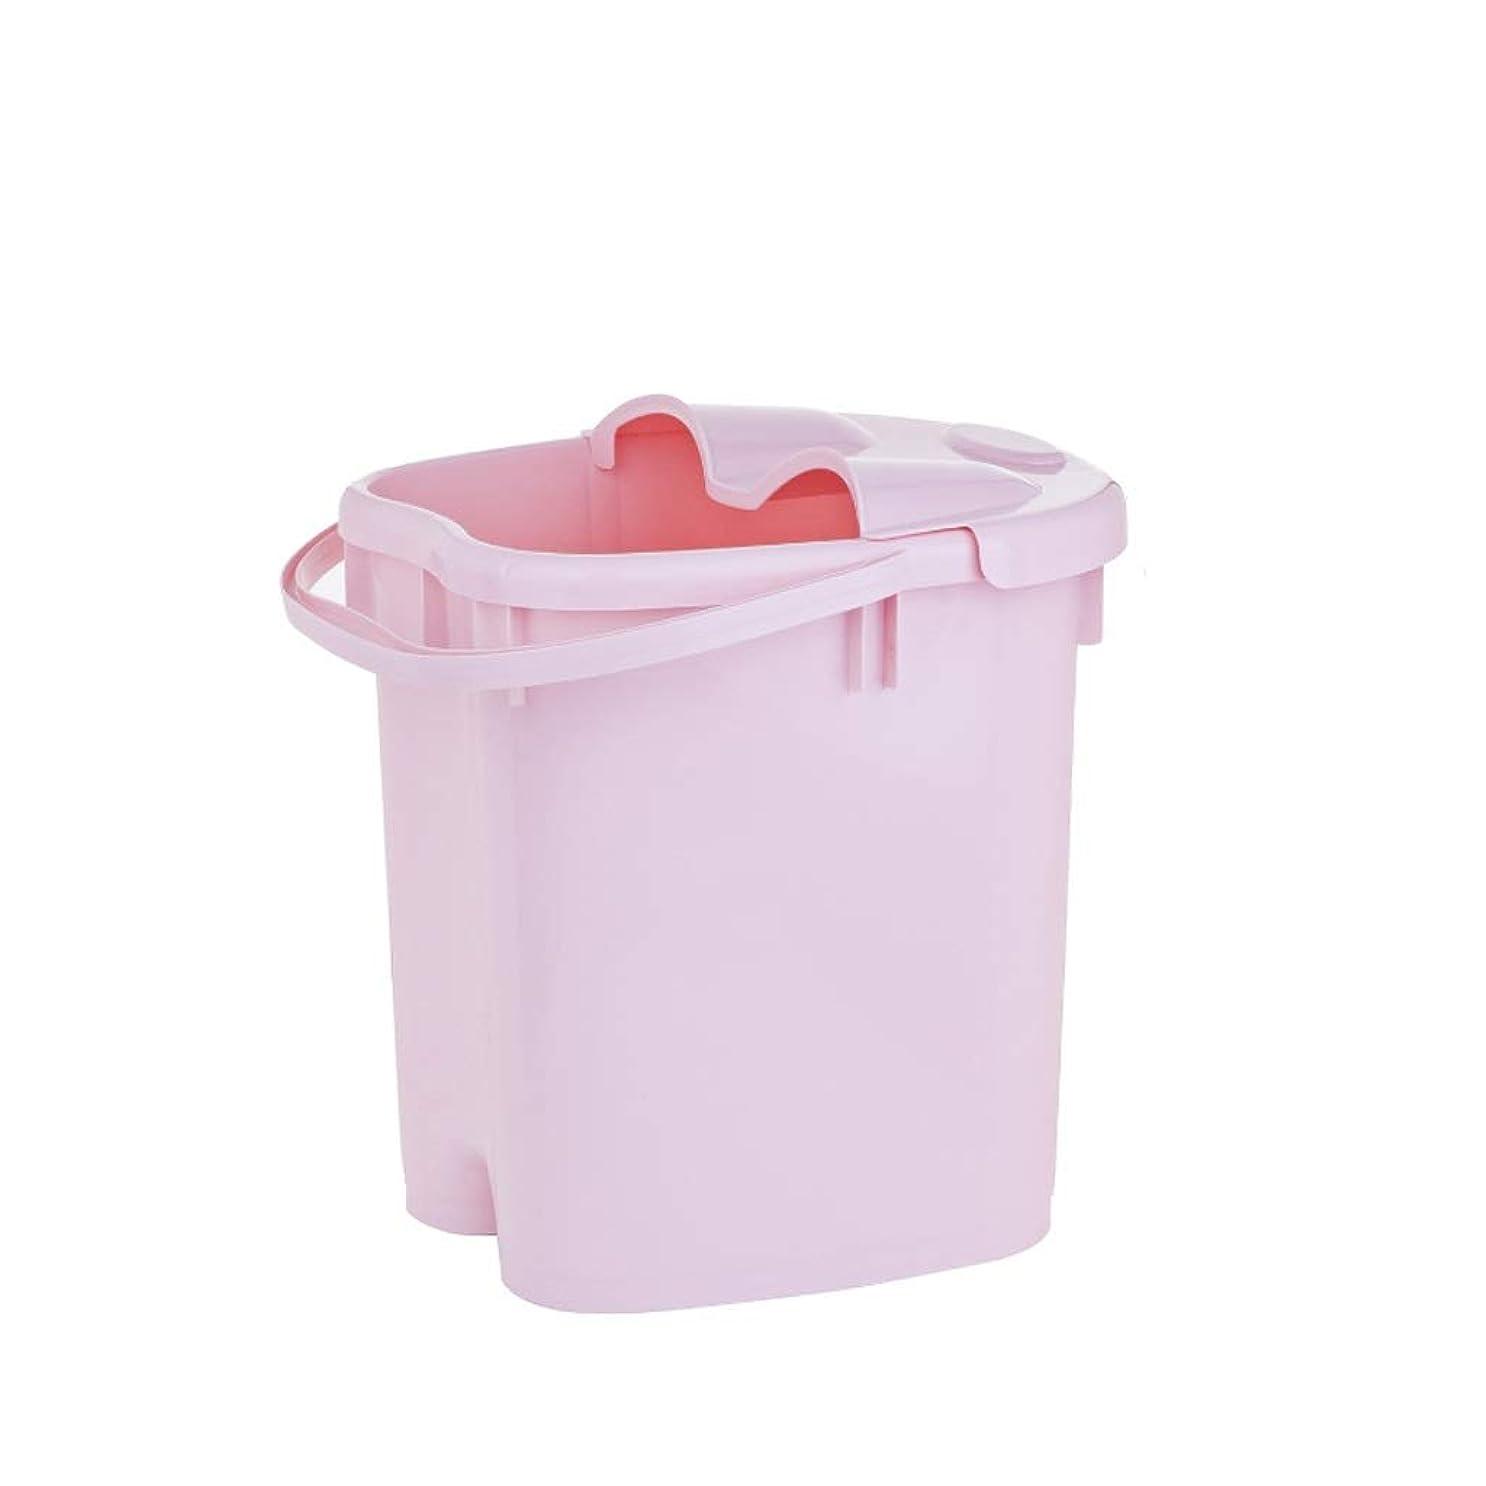 アカウントむしゃむしゃ良心的フットバスバレル- ?AMT携帯用高まりのマッサージの浴槽のふたの熱保存のフィートの洗面器の世帯が付いている大人のフットバスのバケツ Relax foot (色 : Pink, サイズ さいず : 39cm high)